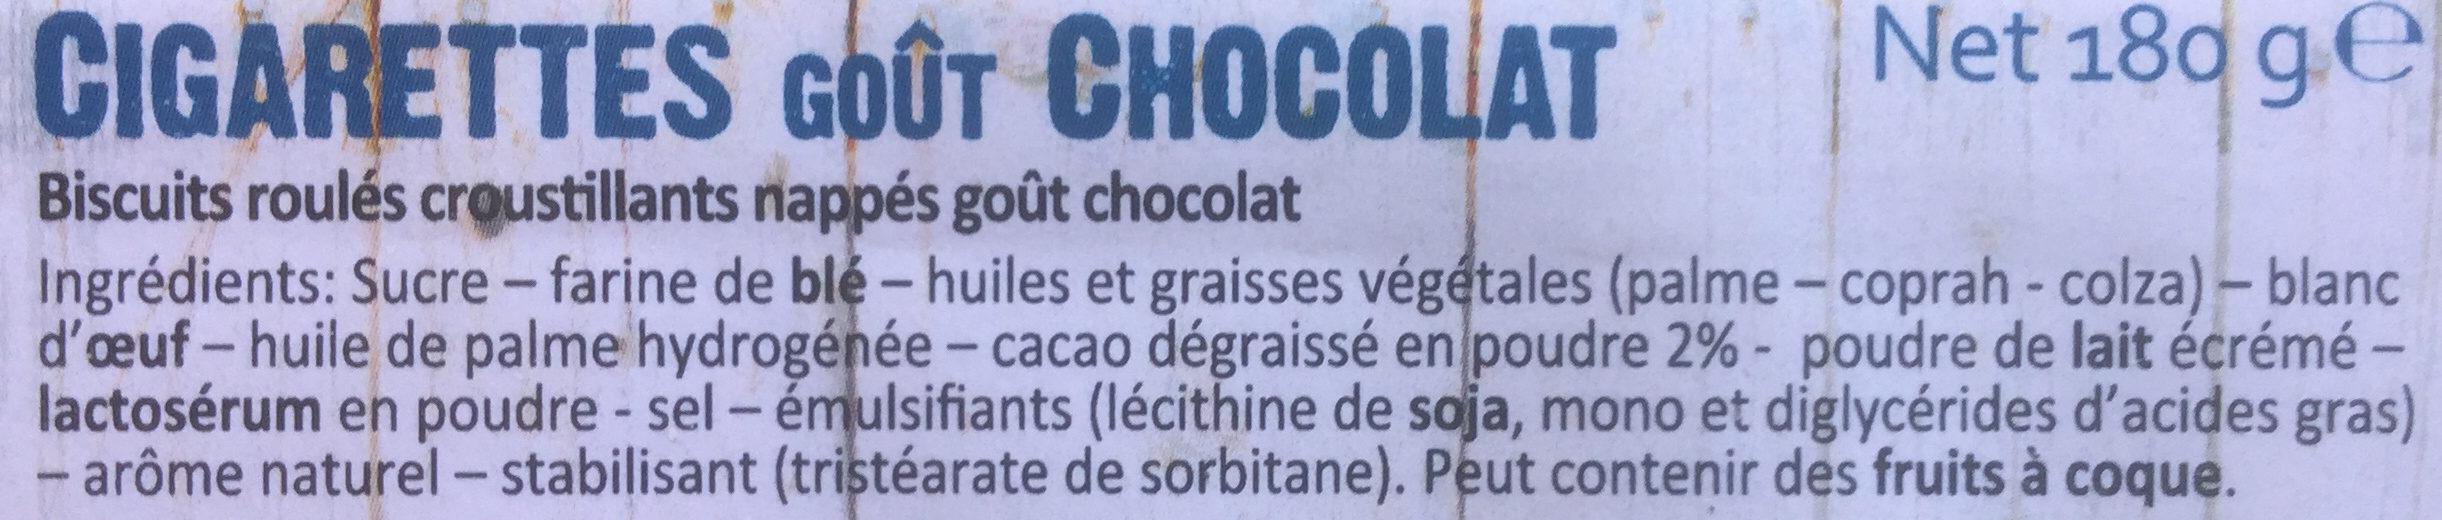 Cigarettes goût chocolat - Ingrédients - fr